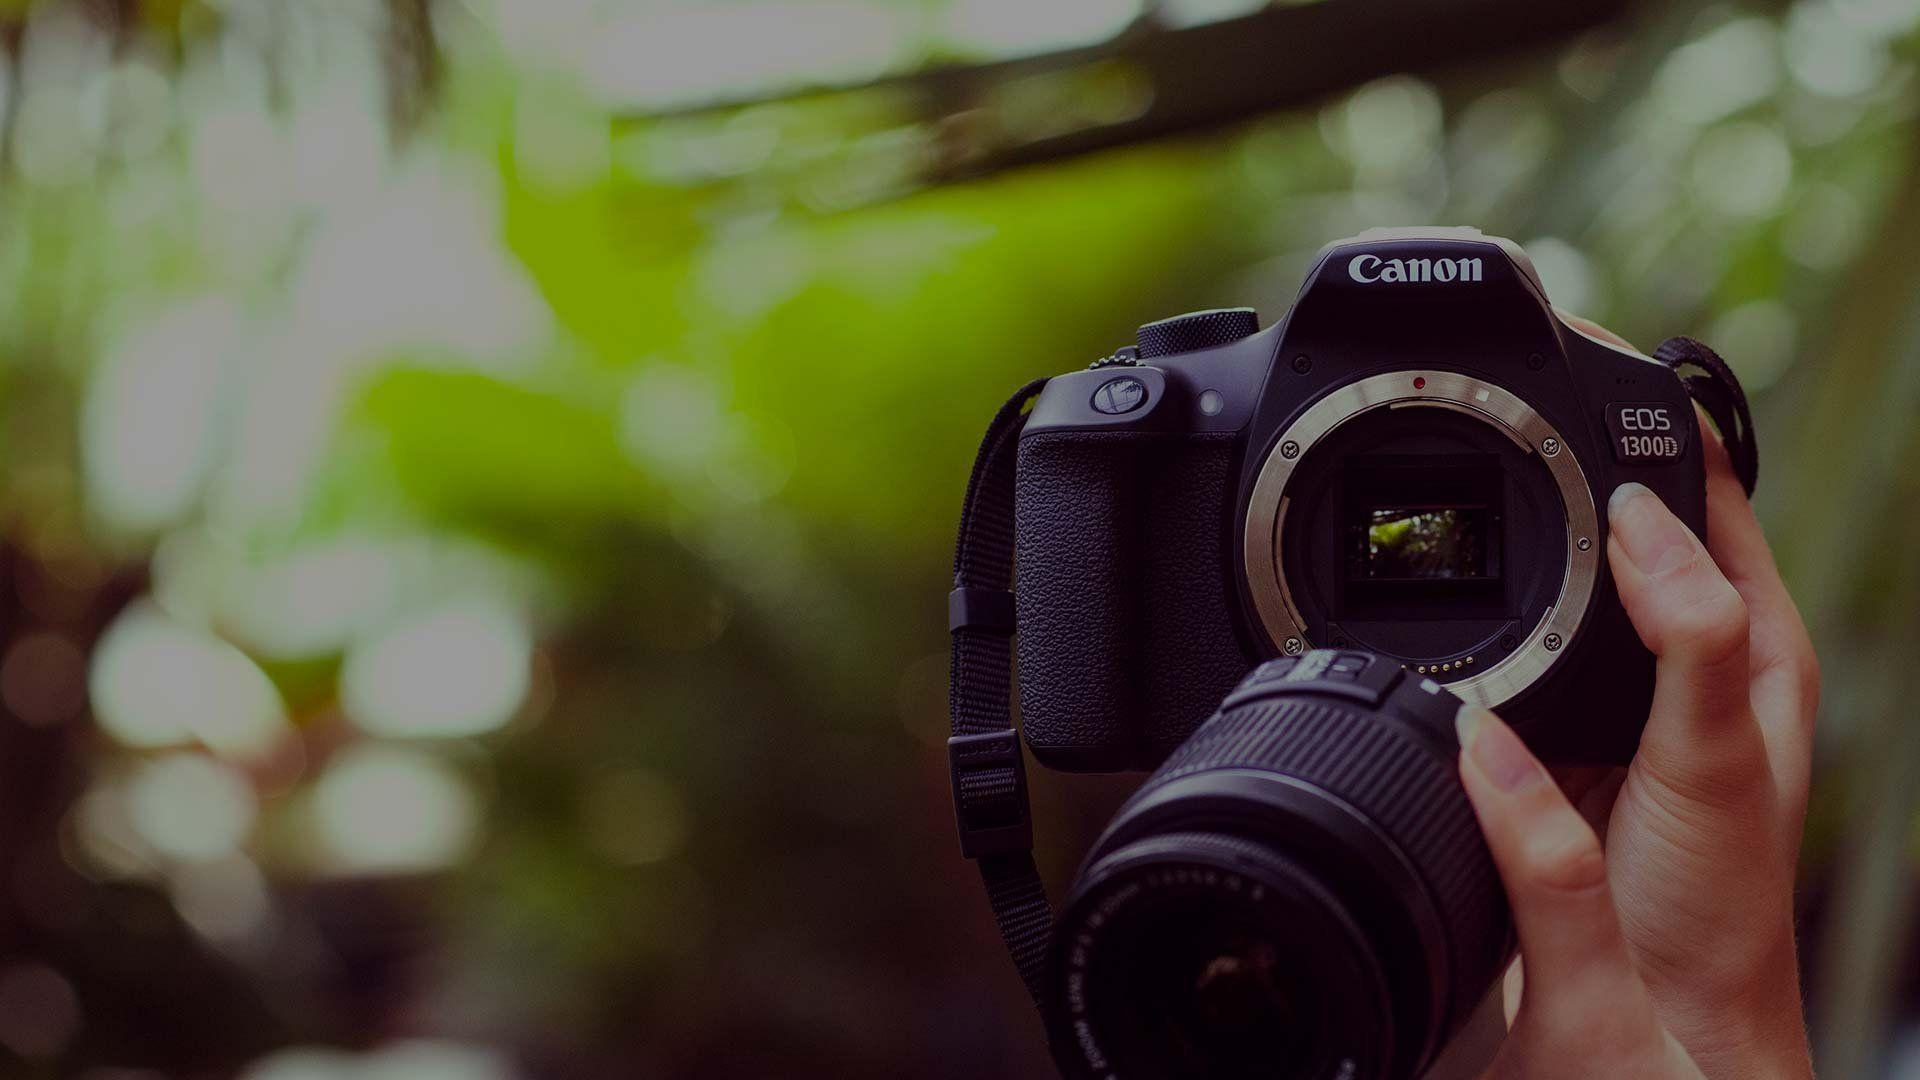 Guía de compatibilidad de objetivos Canon - Guía tecnológica de ...